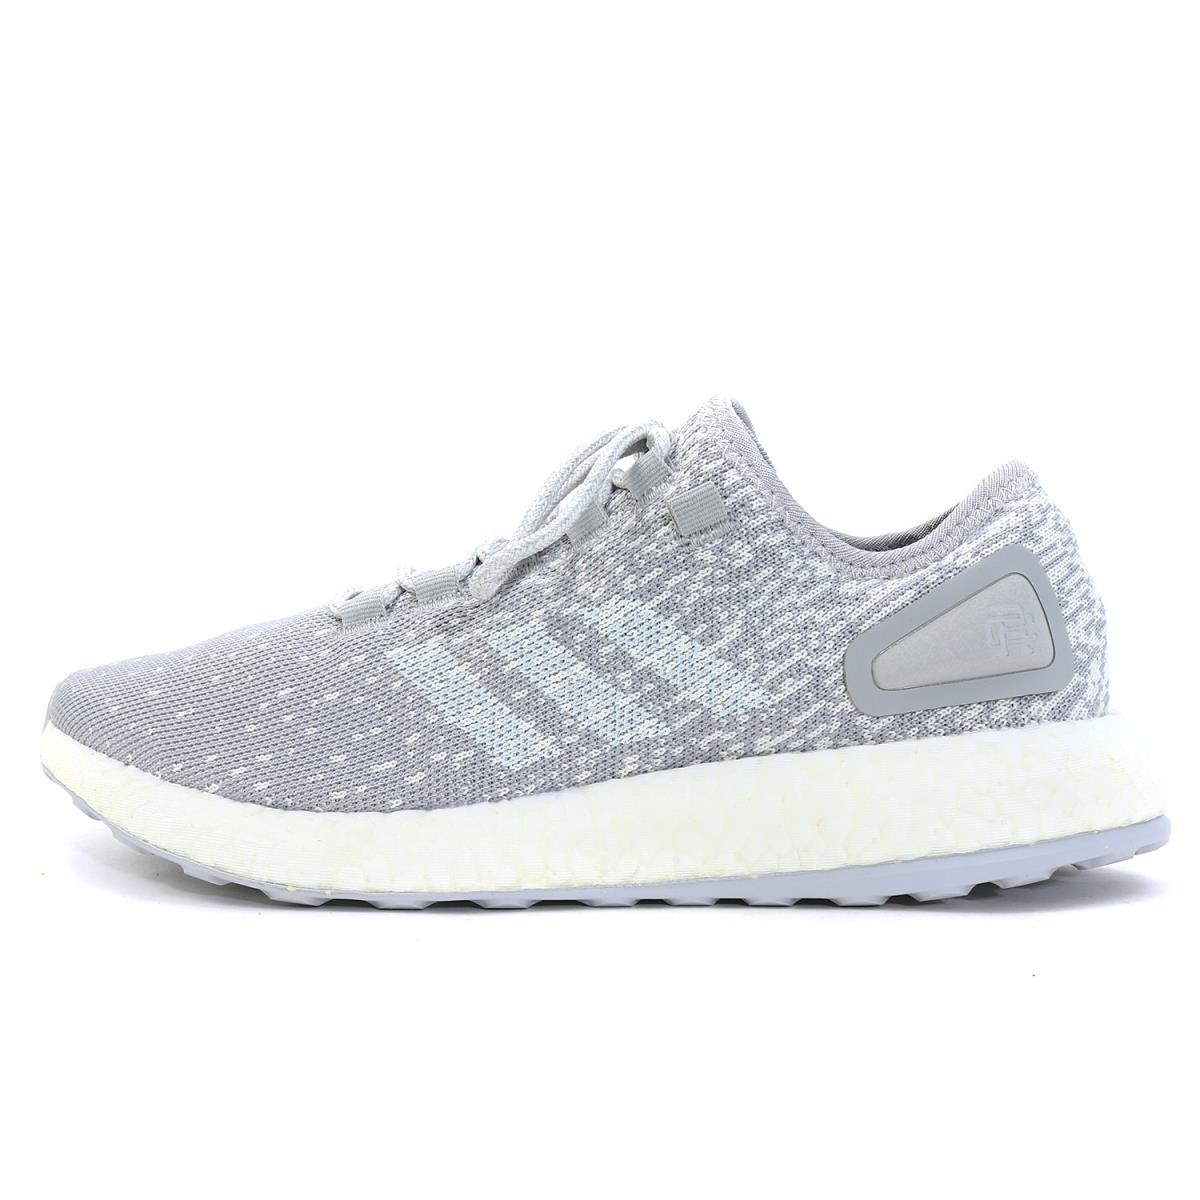 7bd2472a10f8d adidas (Adidas) 17A W X REIGNING CHAMP PureBOOST (CG5330) gray X chalk  white US7(25cm)